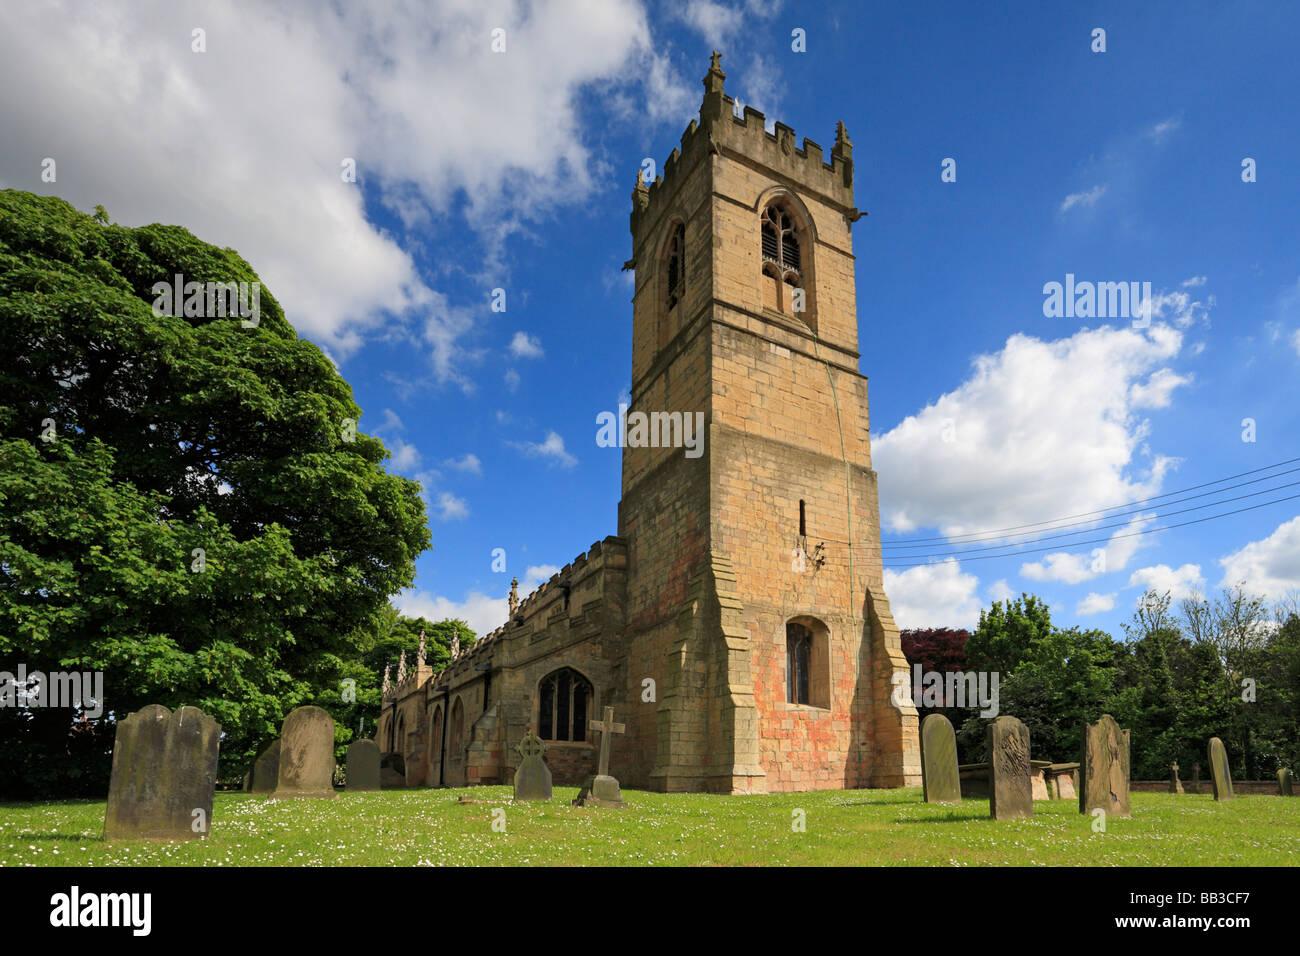 L'église Saint Pierre, Barnburgh, Doncaster, South Yorkshire, Angleterre, Royaume-Uni. Banque D'Images